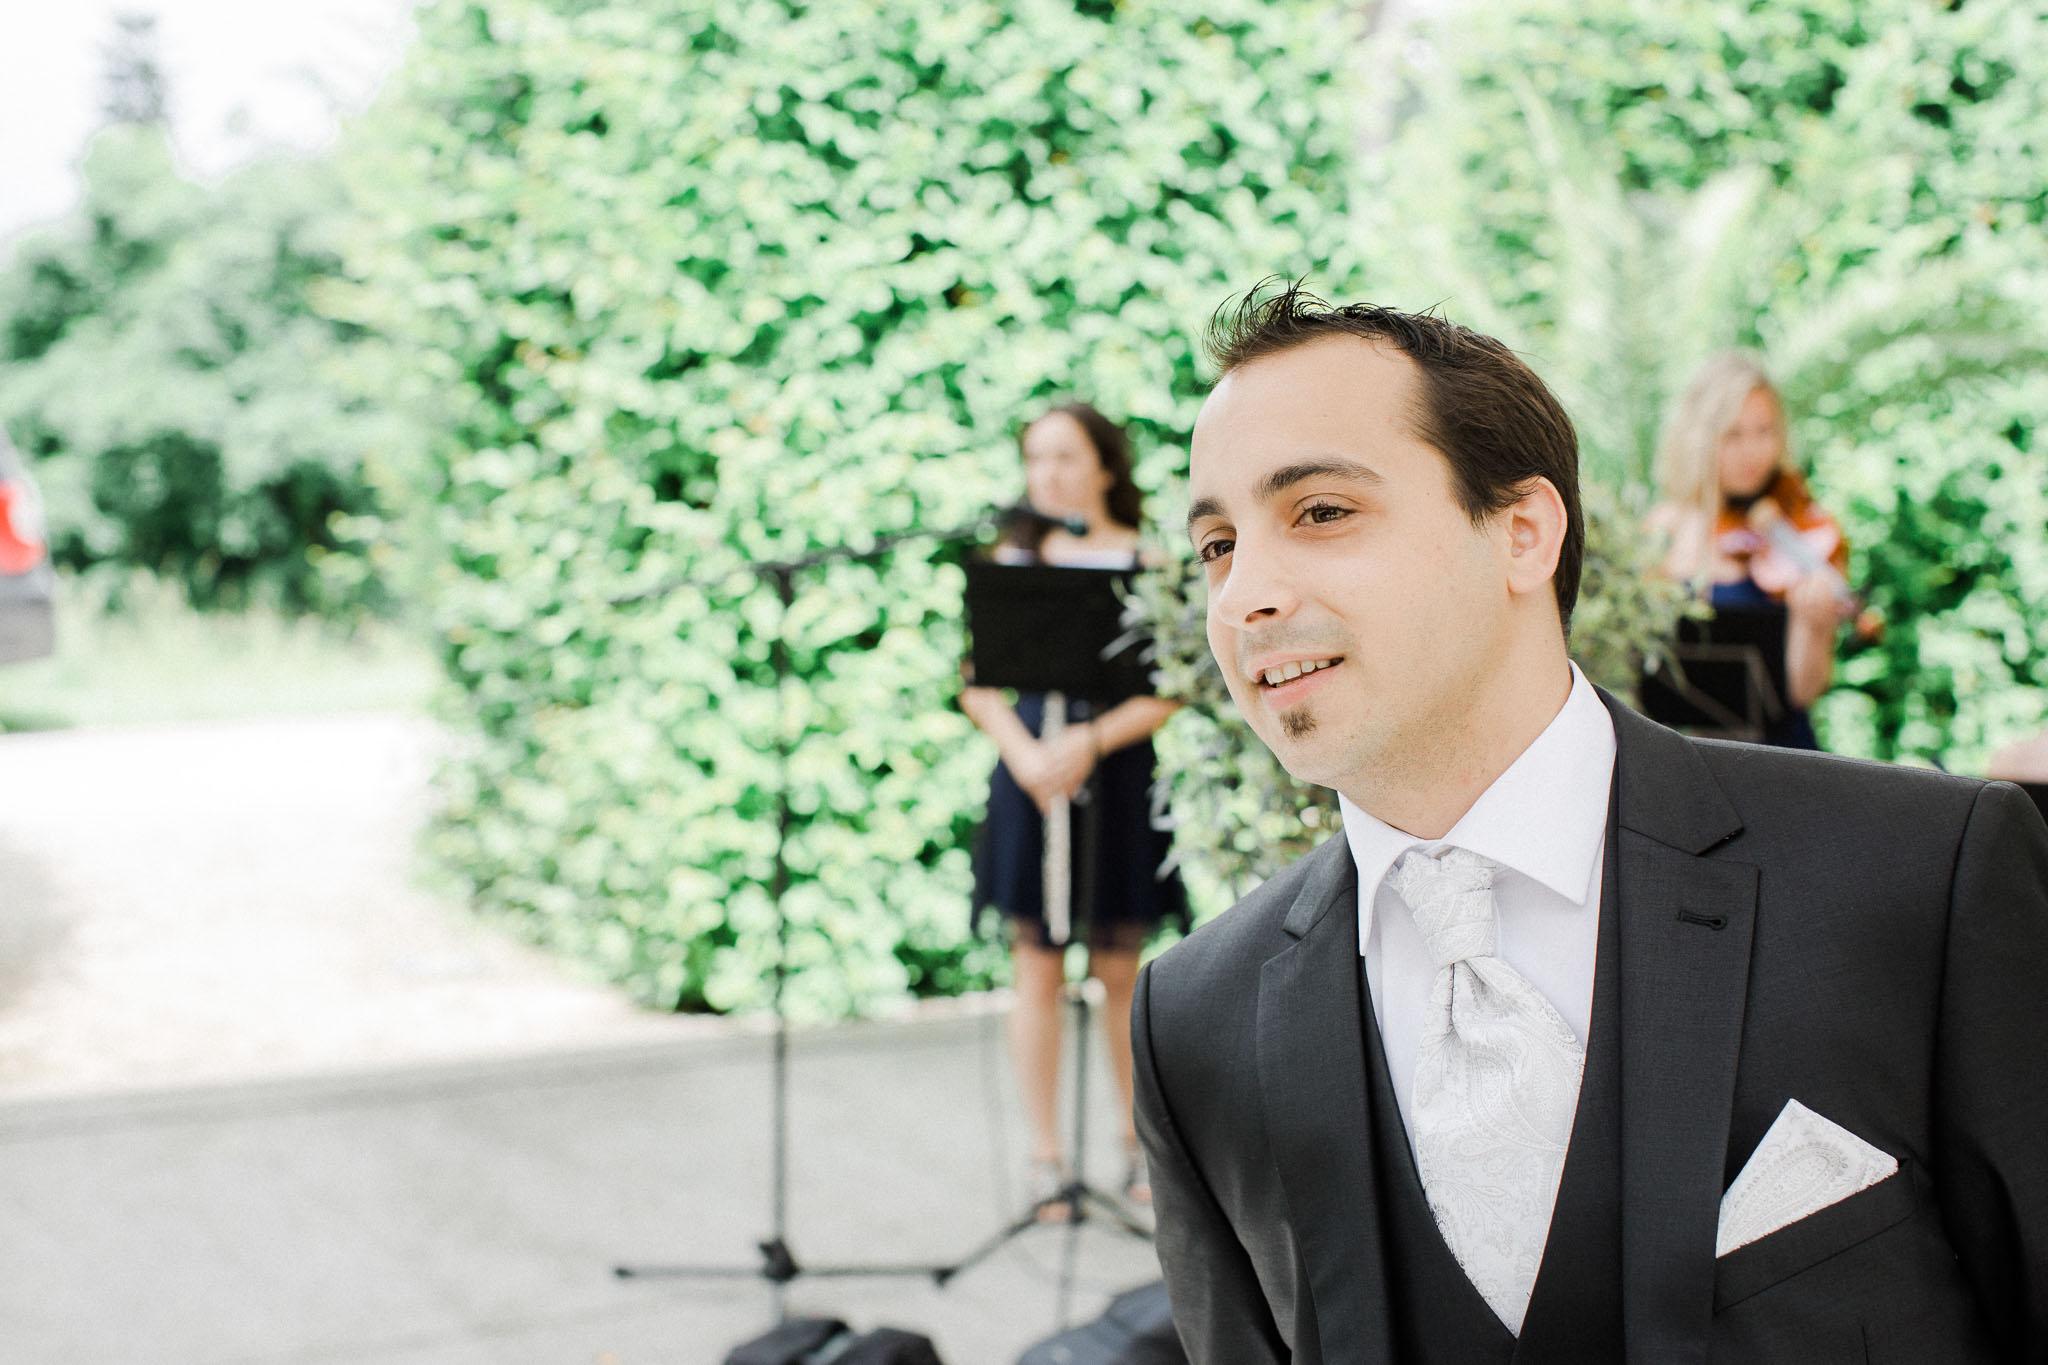 Niedlich Formale Hochzeit Kleiderordnung Ideen - Hochzeit Kleid ...